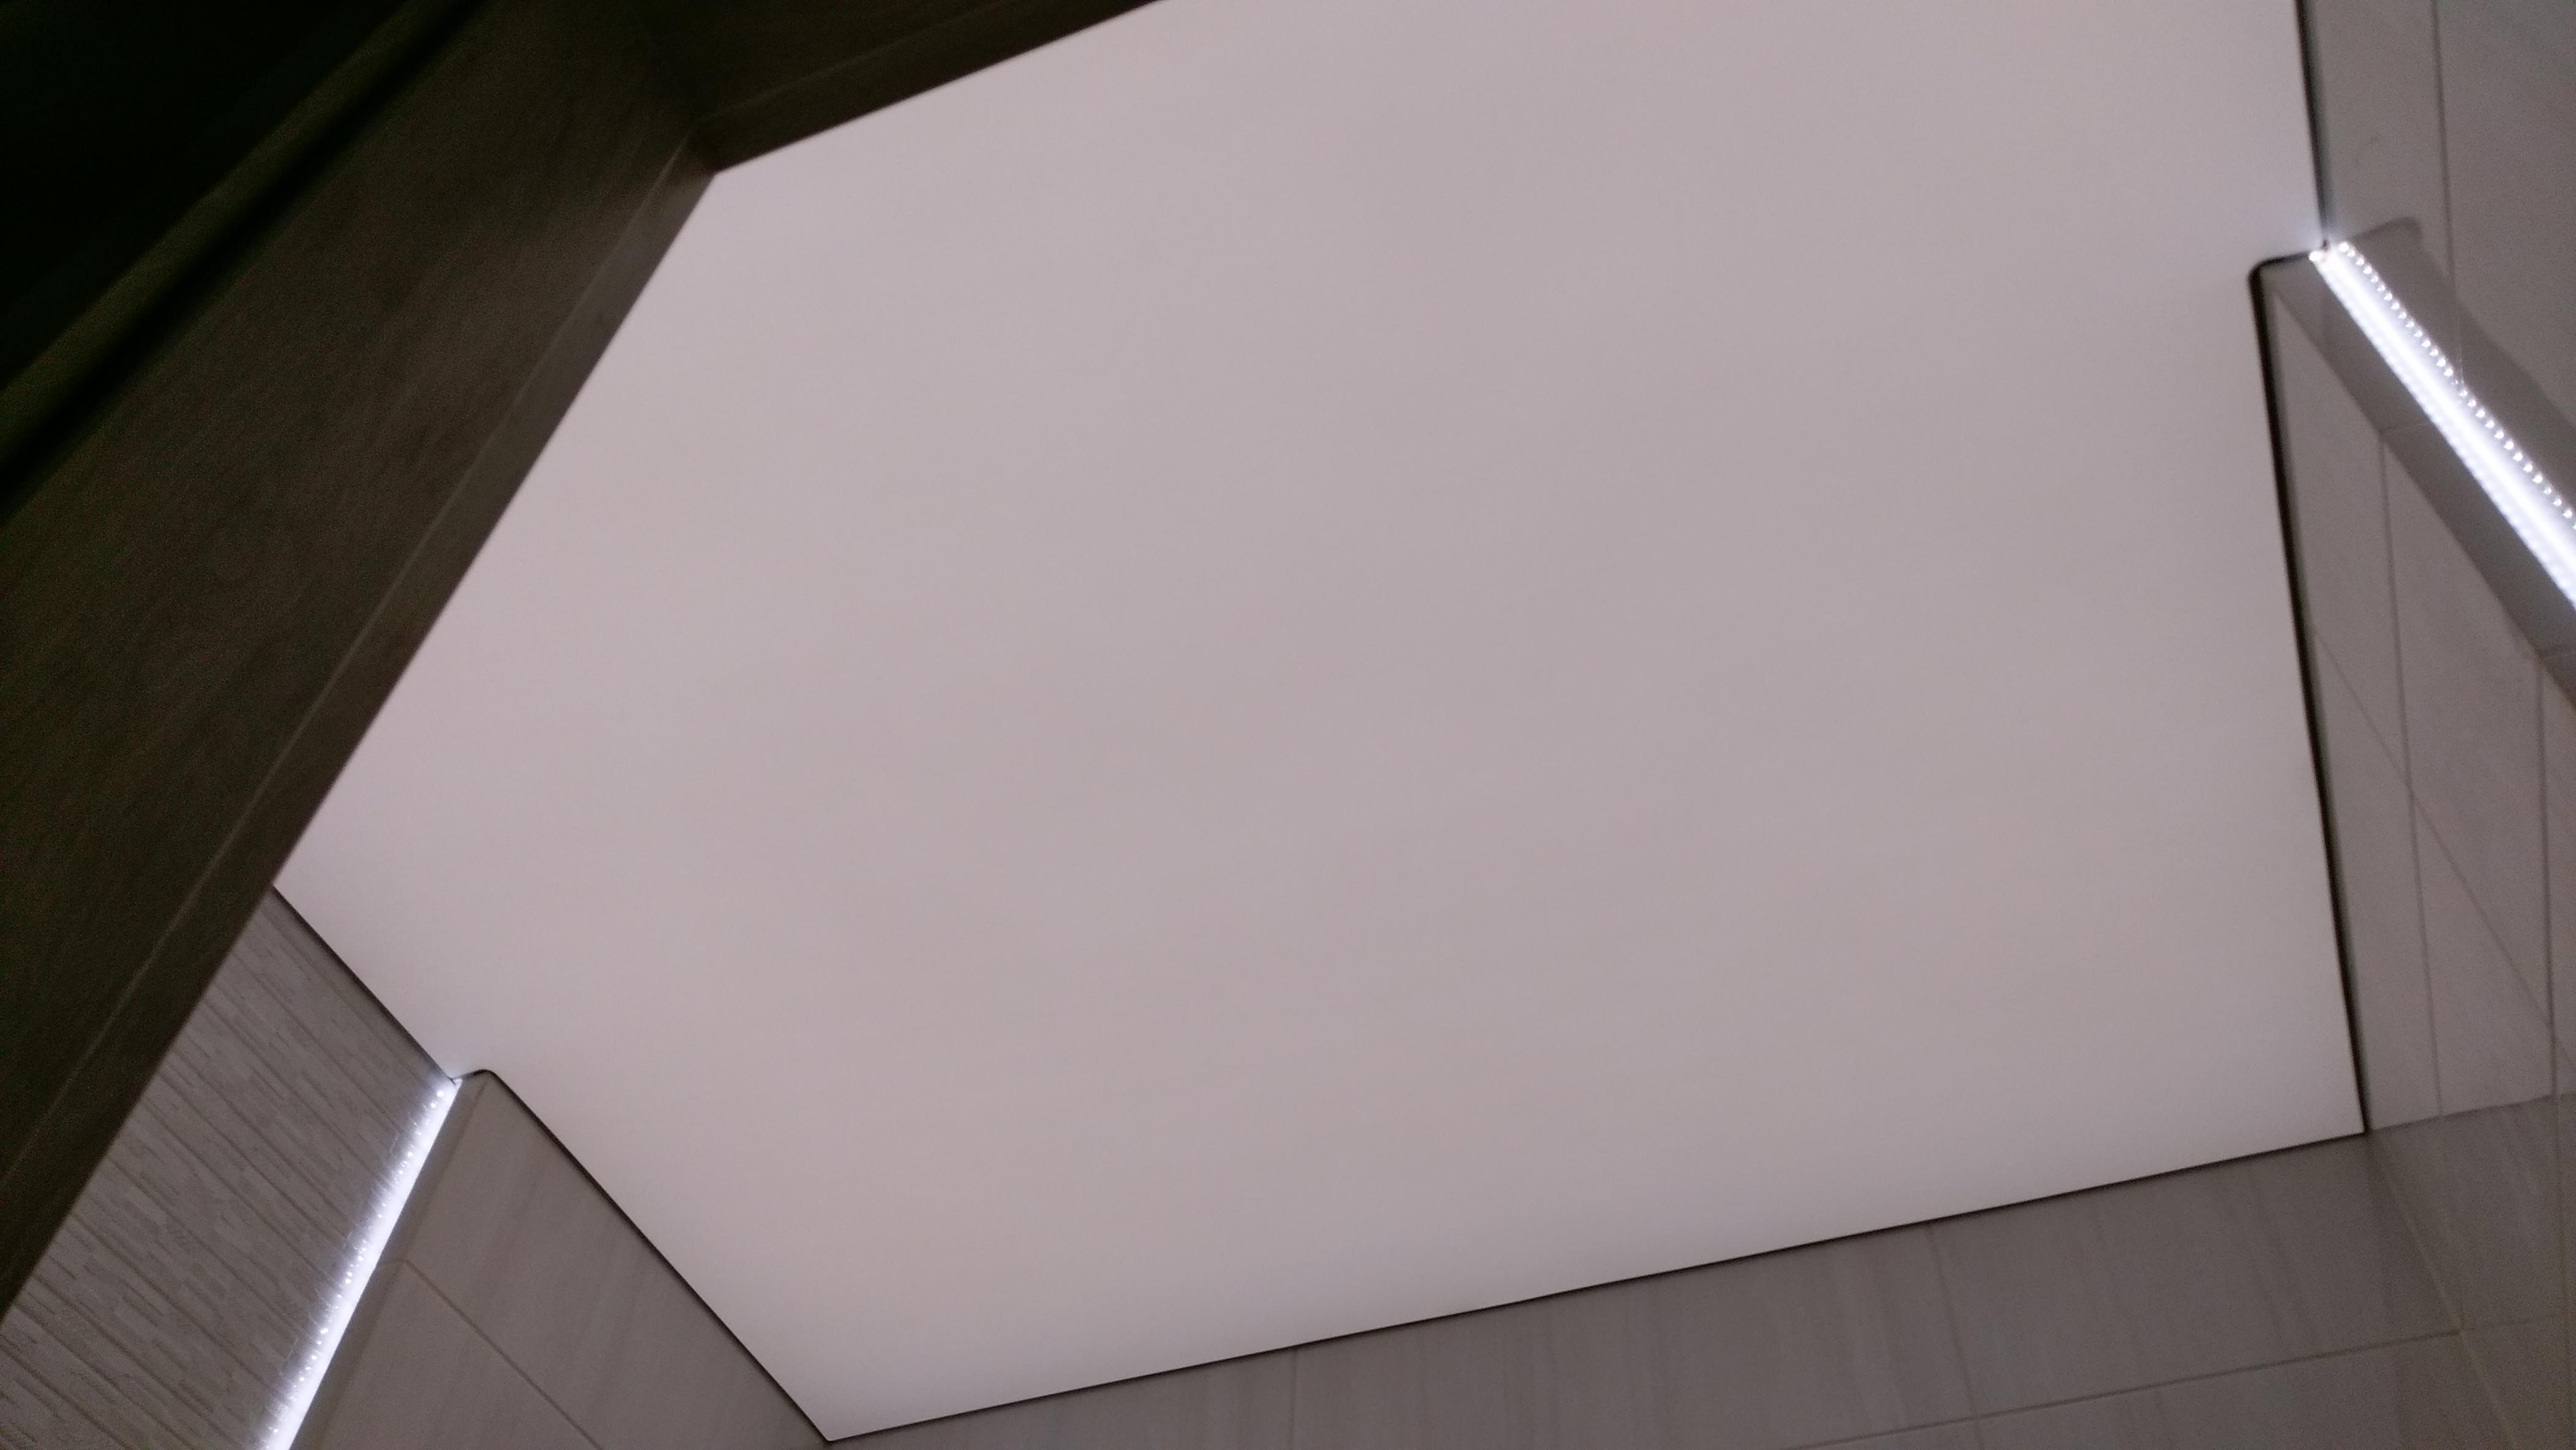 Sufit napinany LED